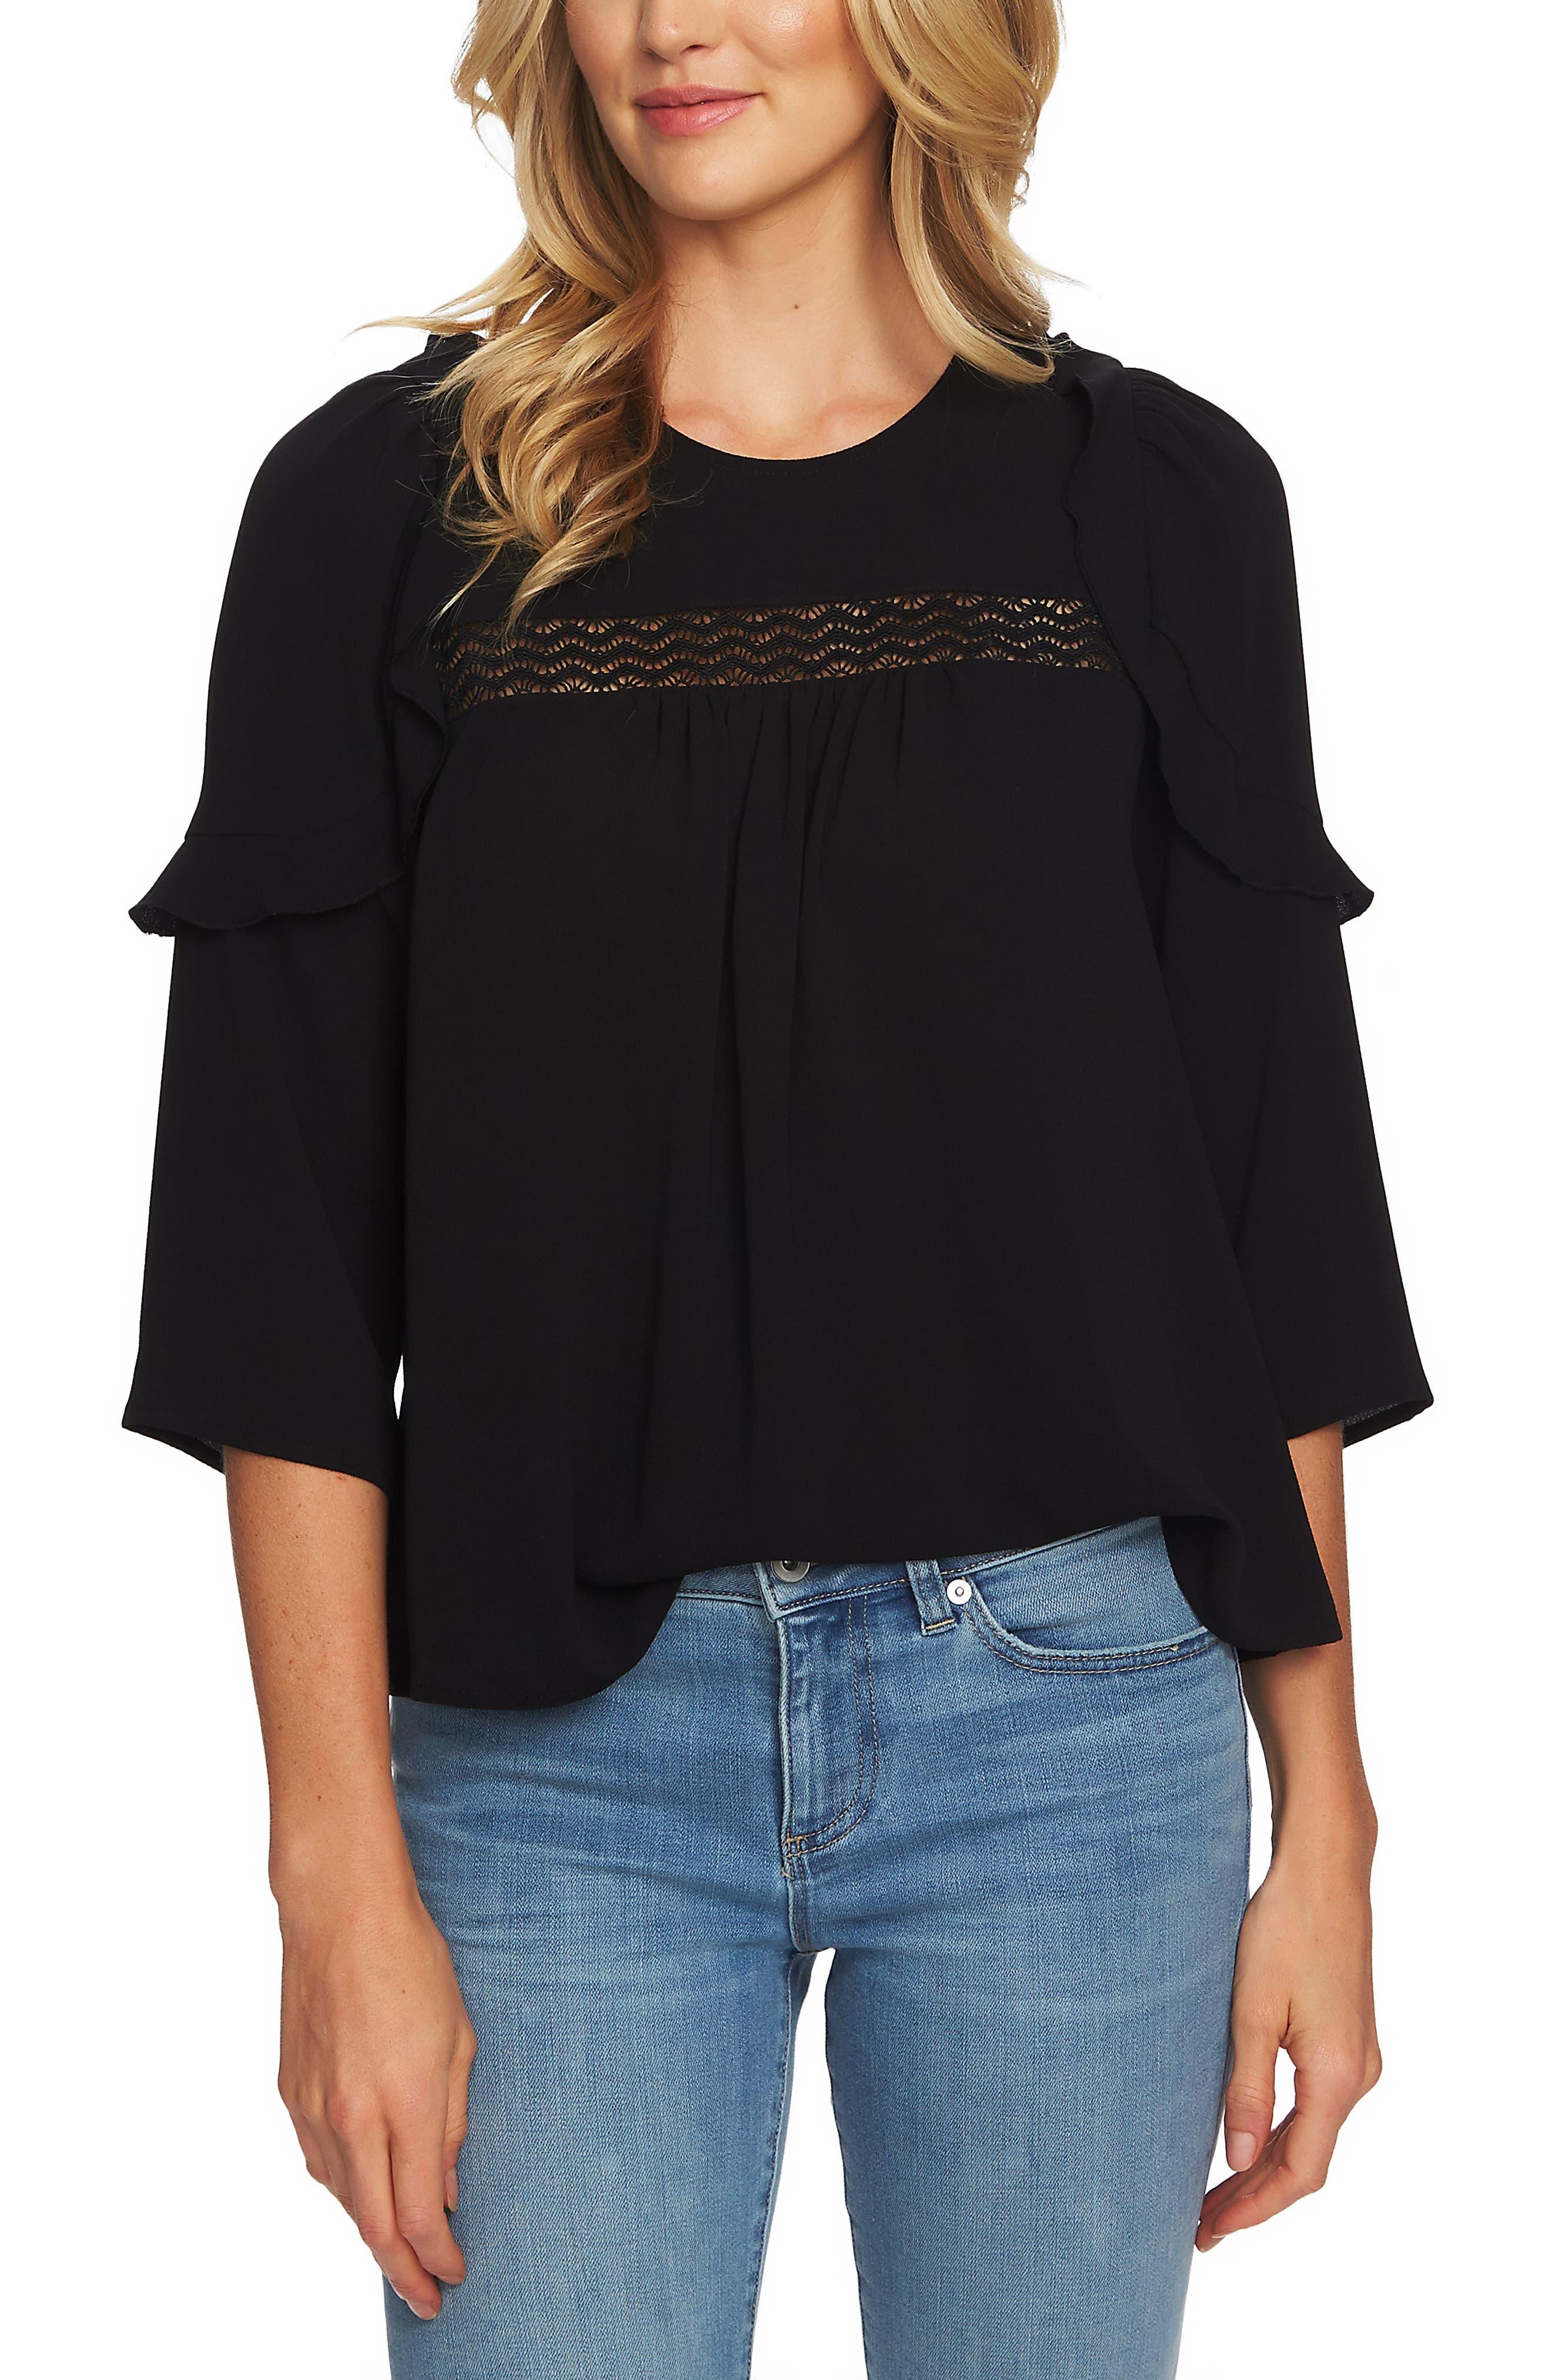 CECE Lace Inset Blouse, Main, color, RICH BLACK